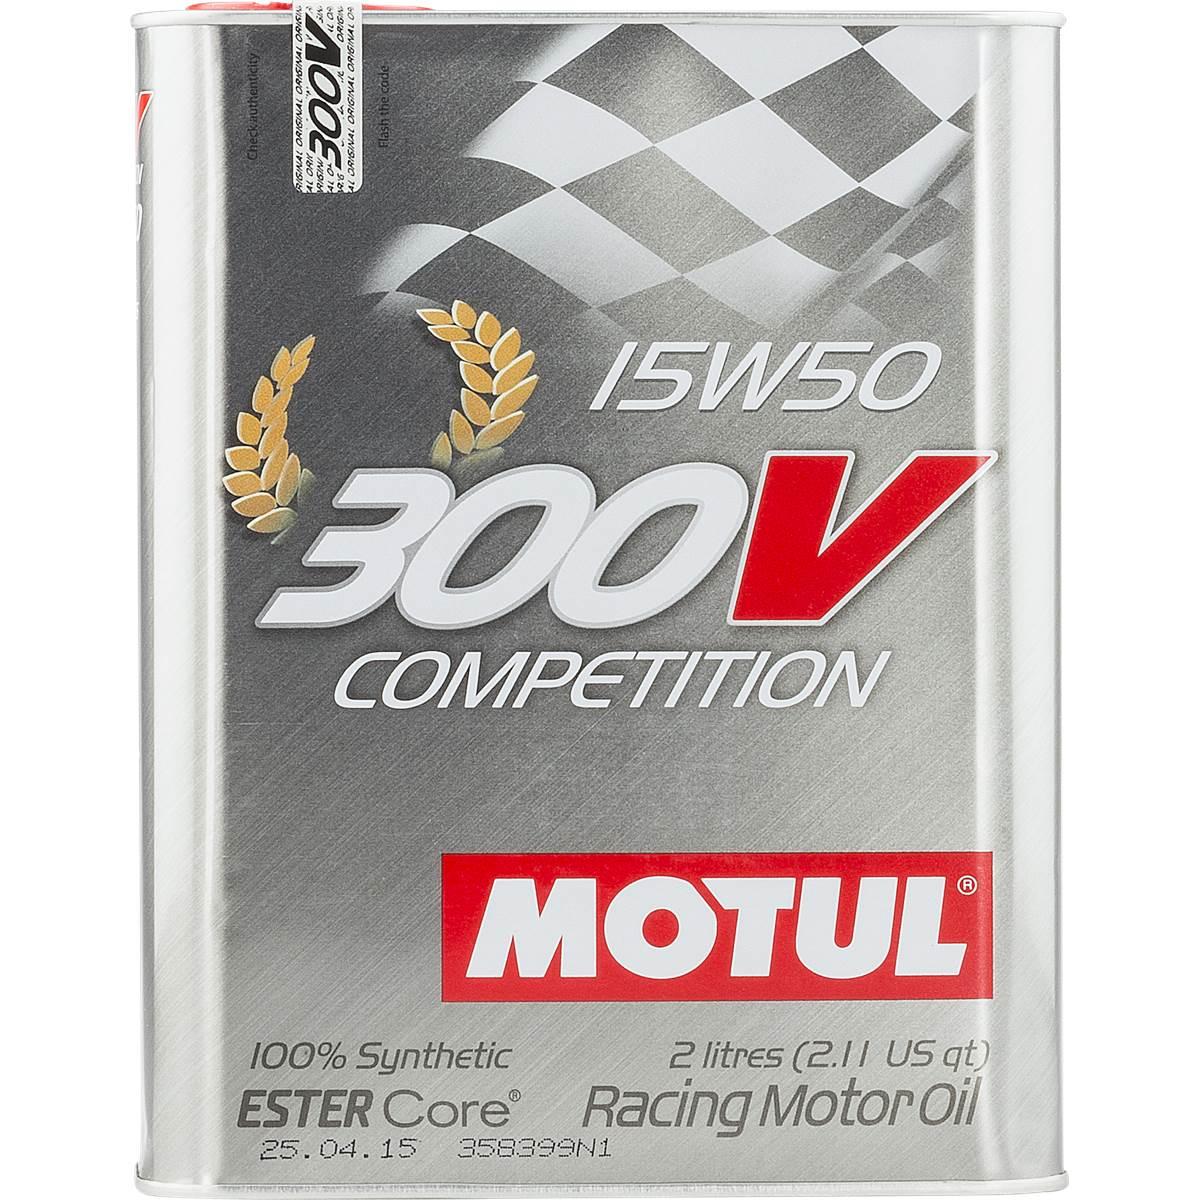 Huile moteur MOTUL 300 V 15W50 2L